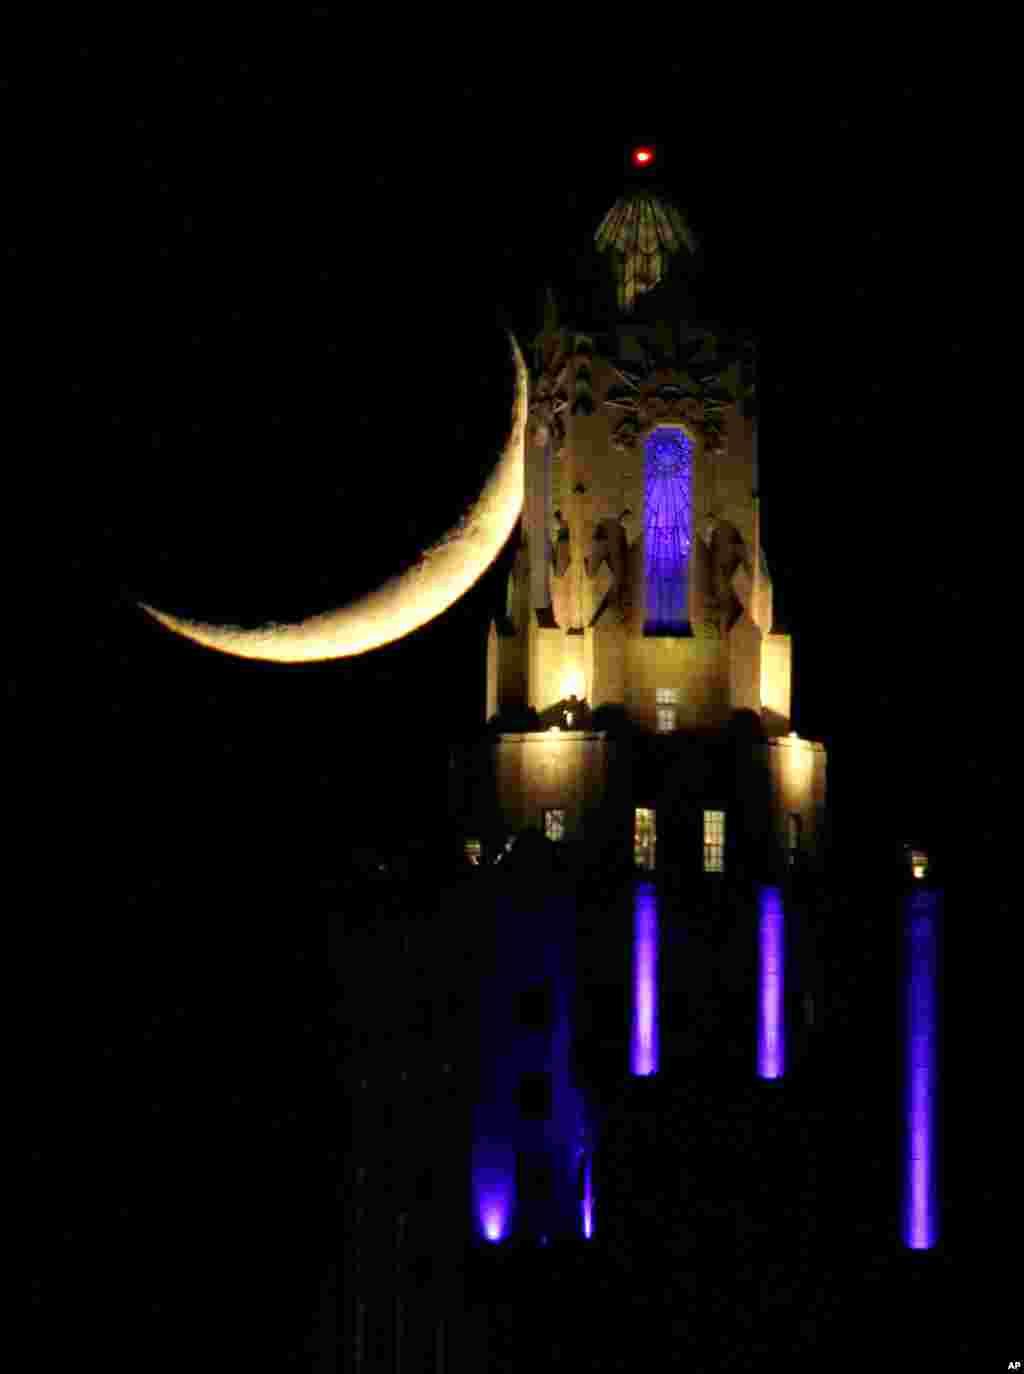 نمایی از هلال ماه در آسمان کانزاس سیتی میزوری